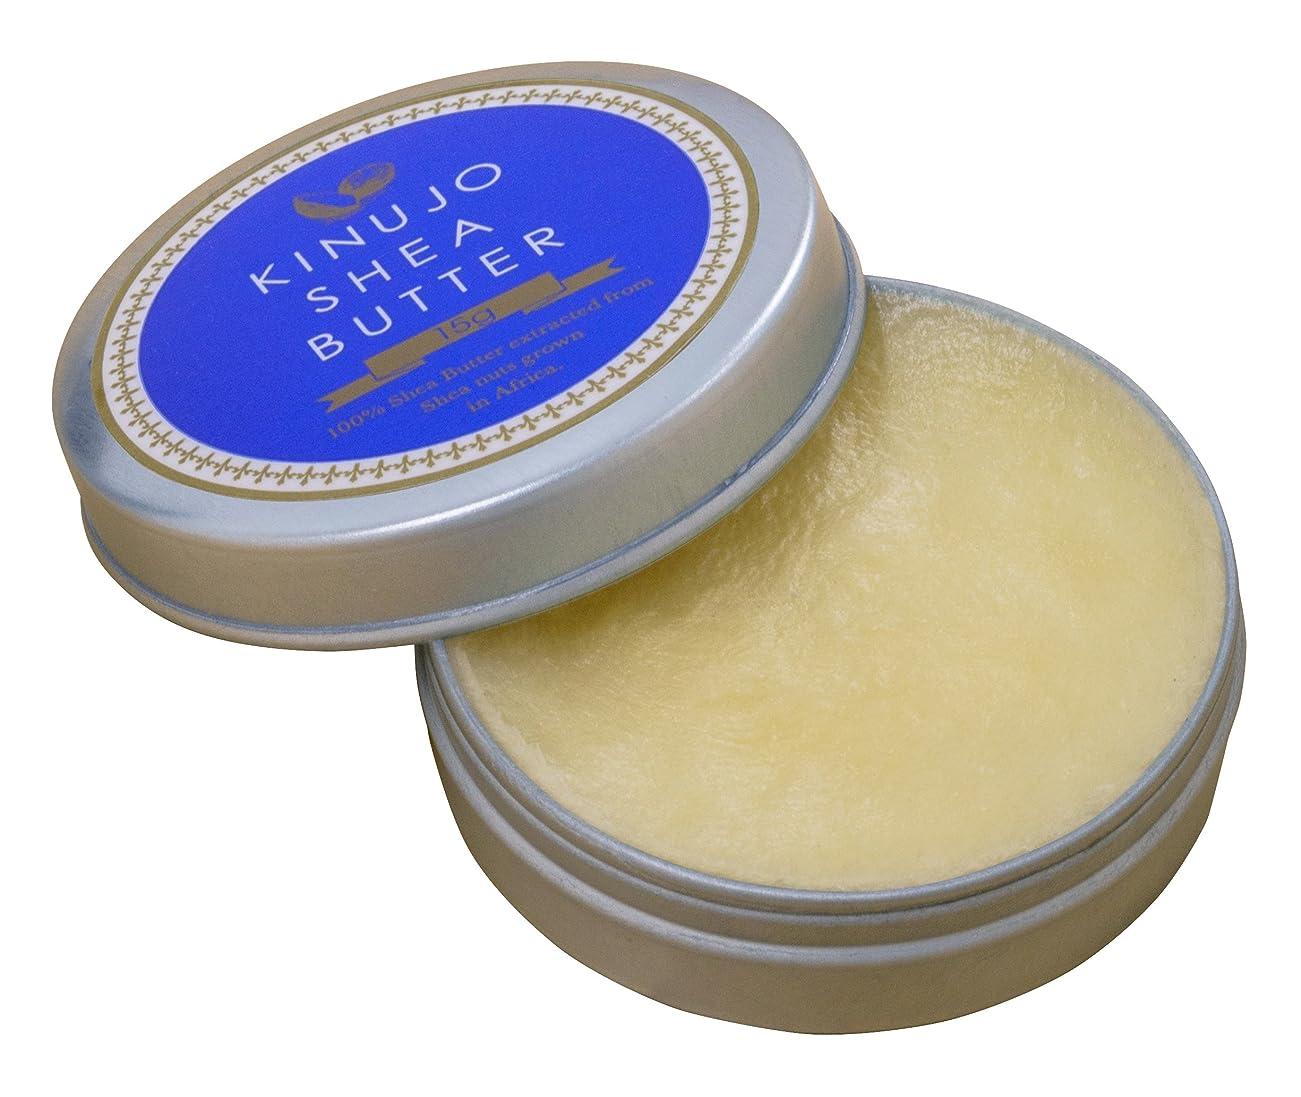 口径一般的に適度にKINUJO SHEA BUTTER 15g(キヌージョシアバター)ガーナ産未精製100%天然由来?無添加?植物性